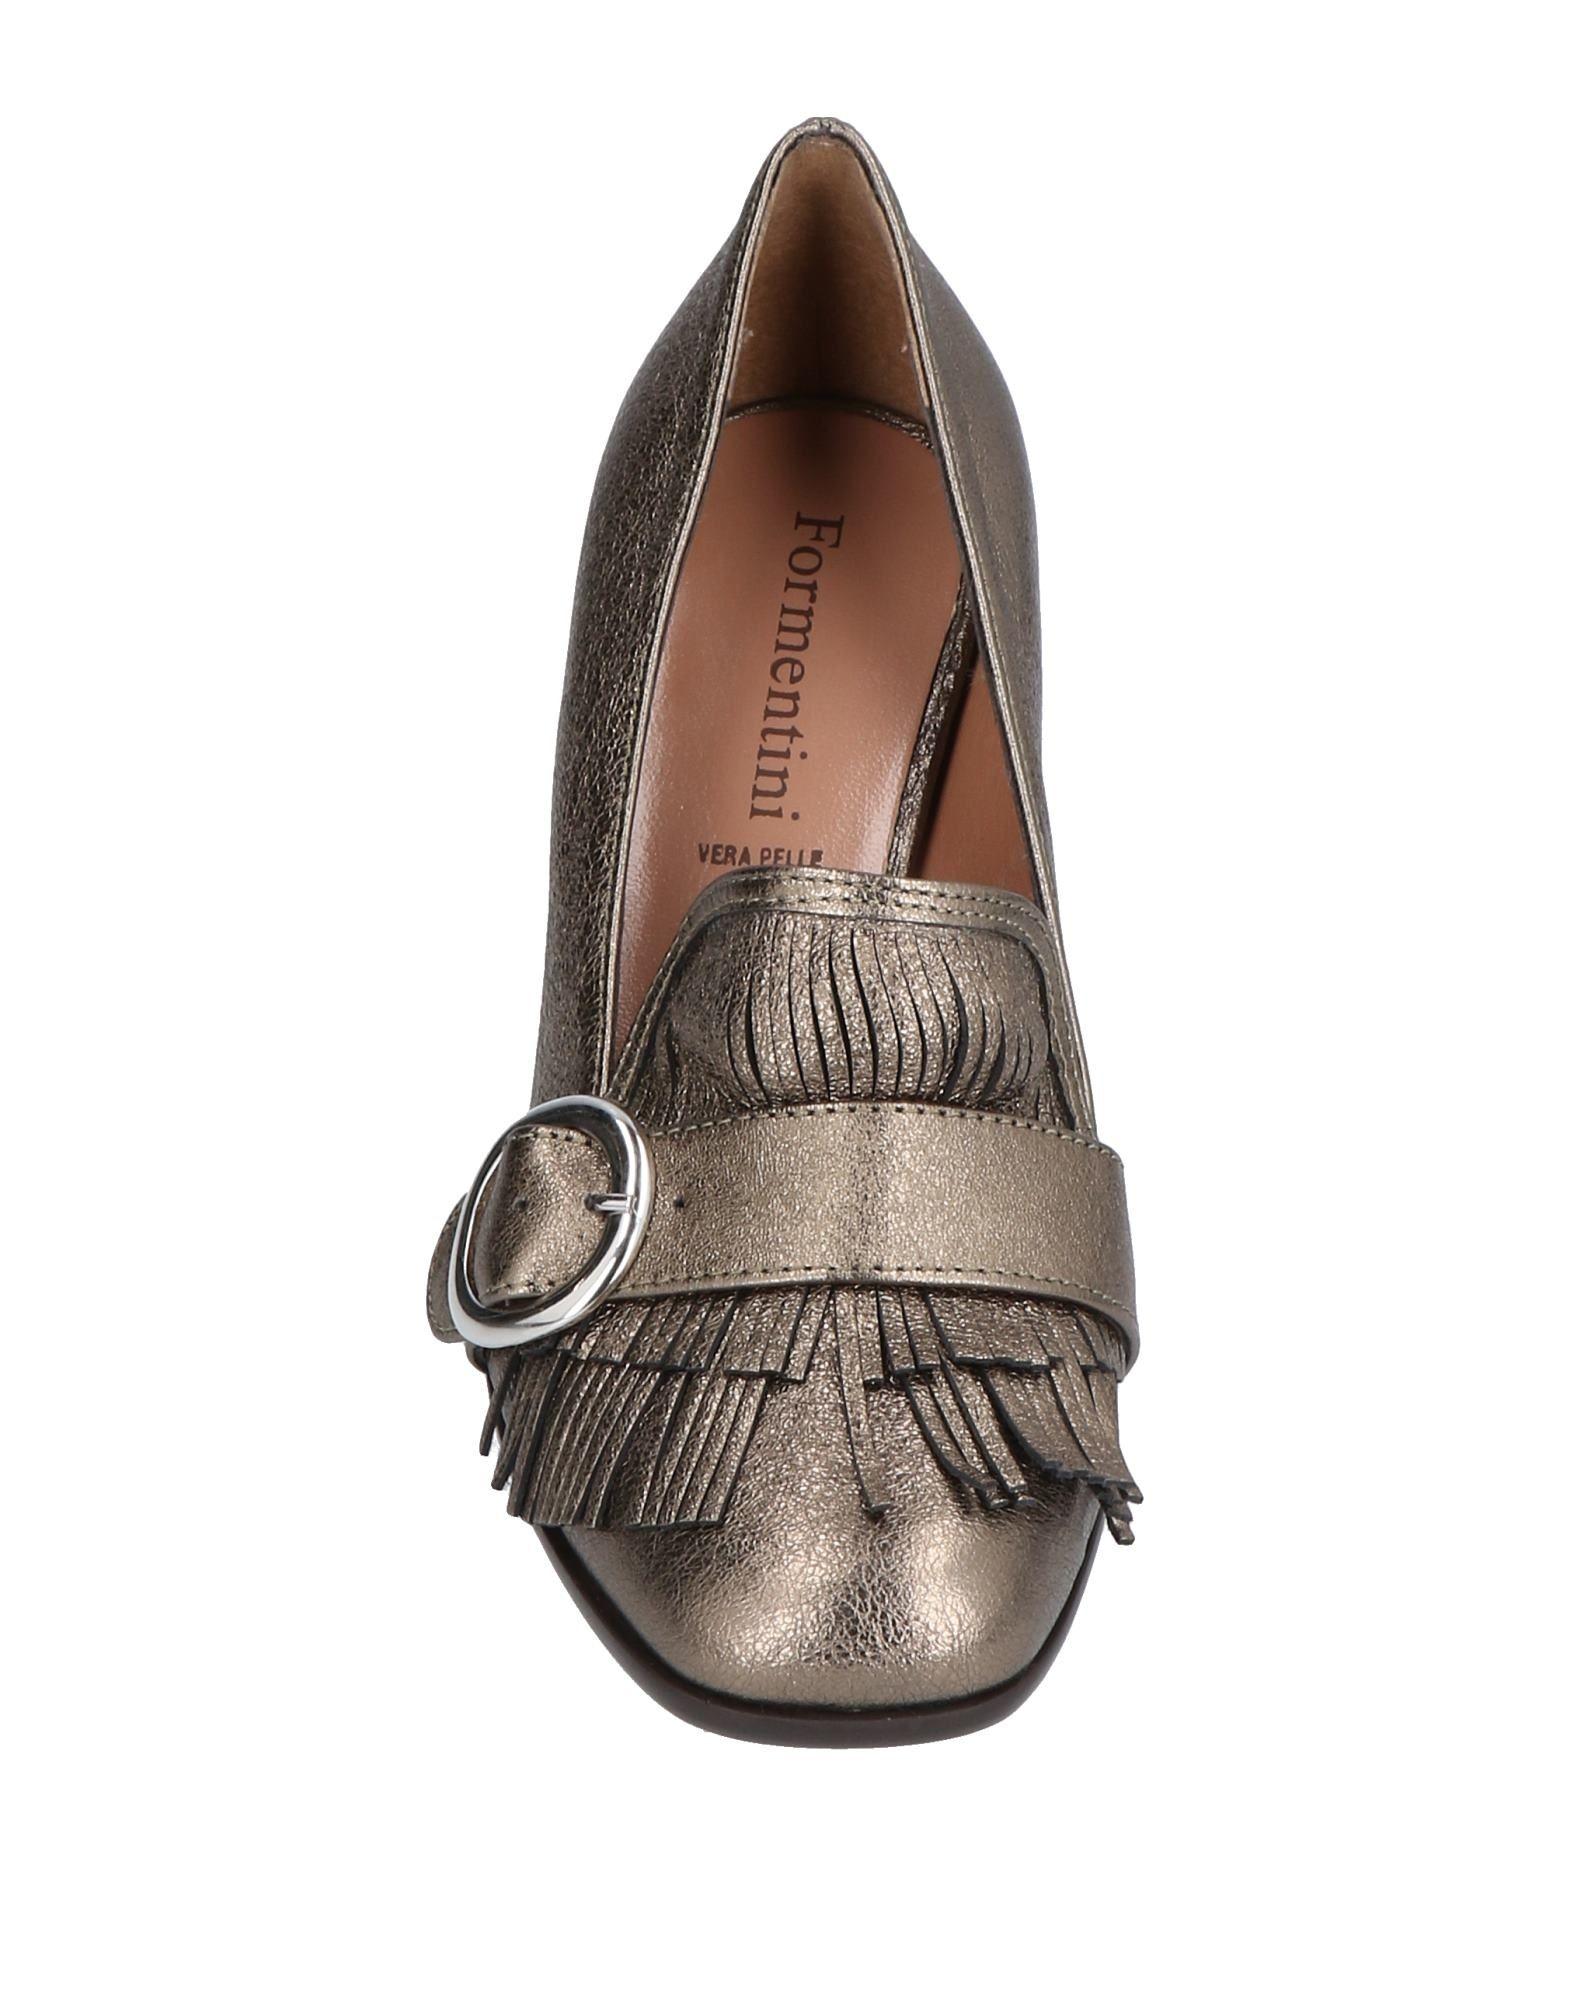 Formentini Gute Mokassins Damen  11479327IS Gute Formentini Qualität beliebte Schuhe 87dd75